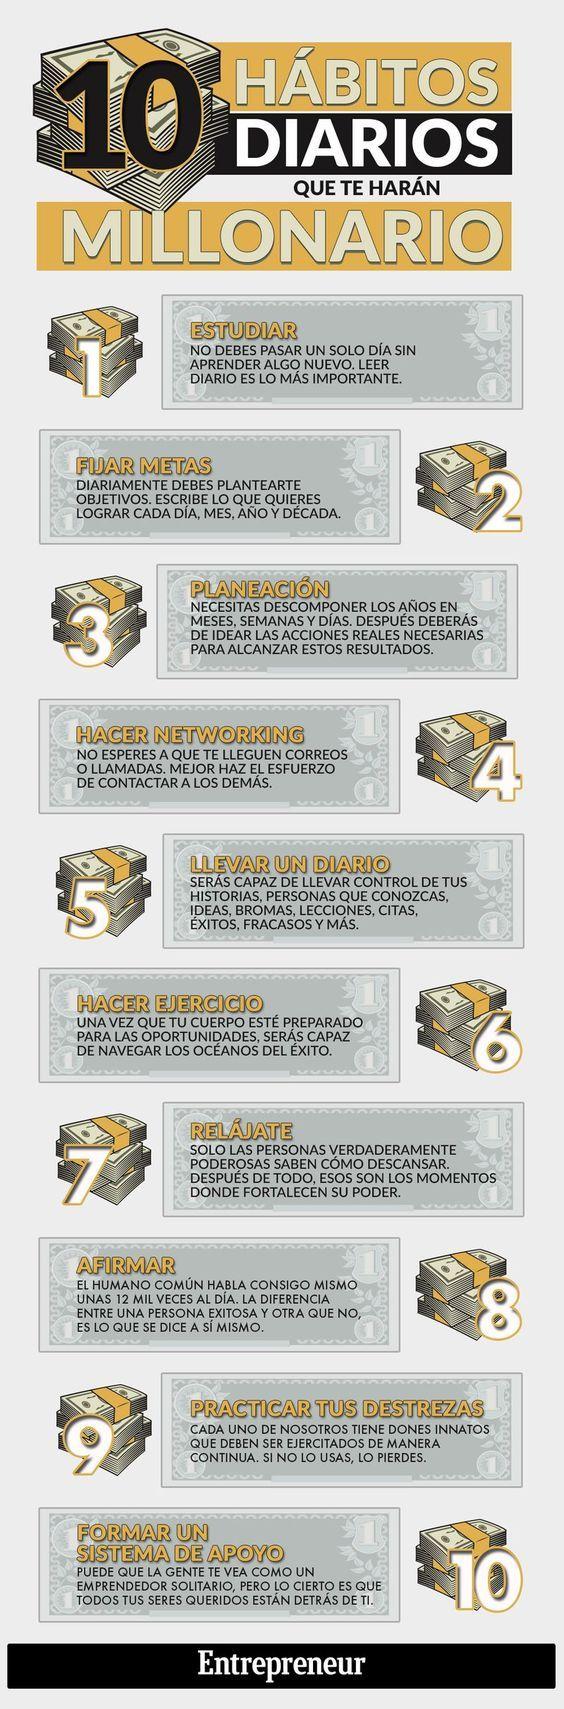 Buenas costumbres del Emprendedor que quiere llegar a millonario - Infografía: